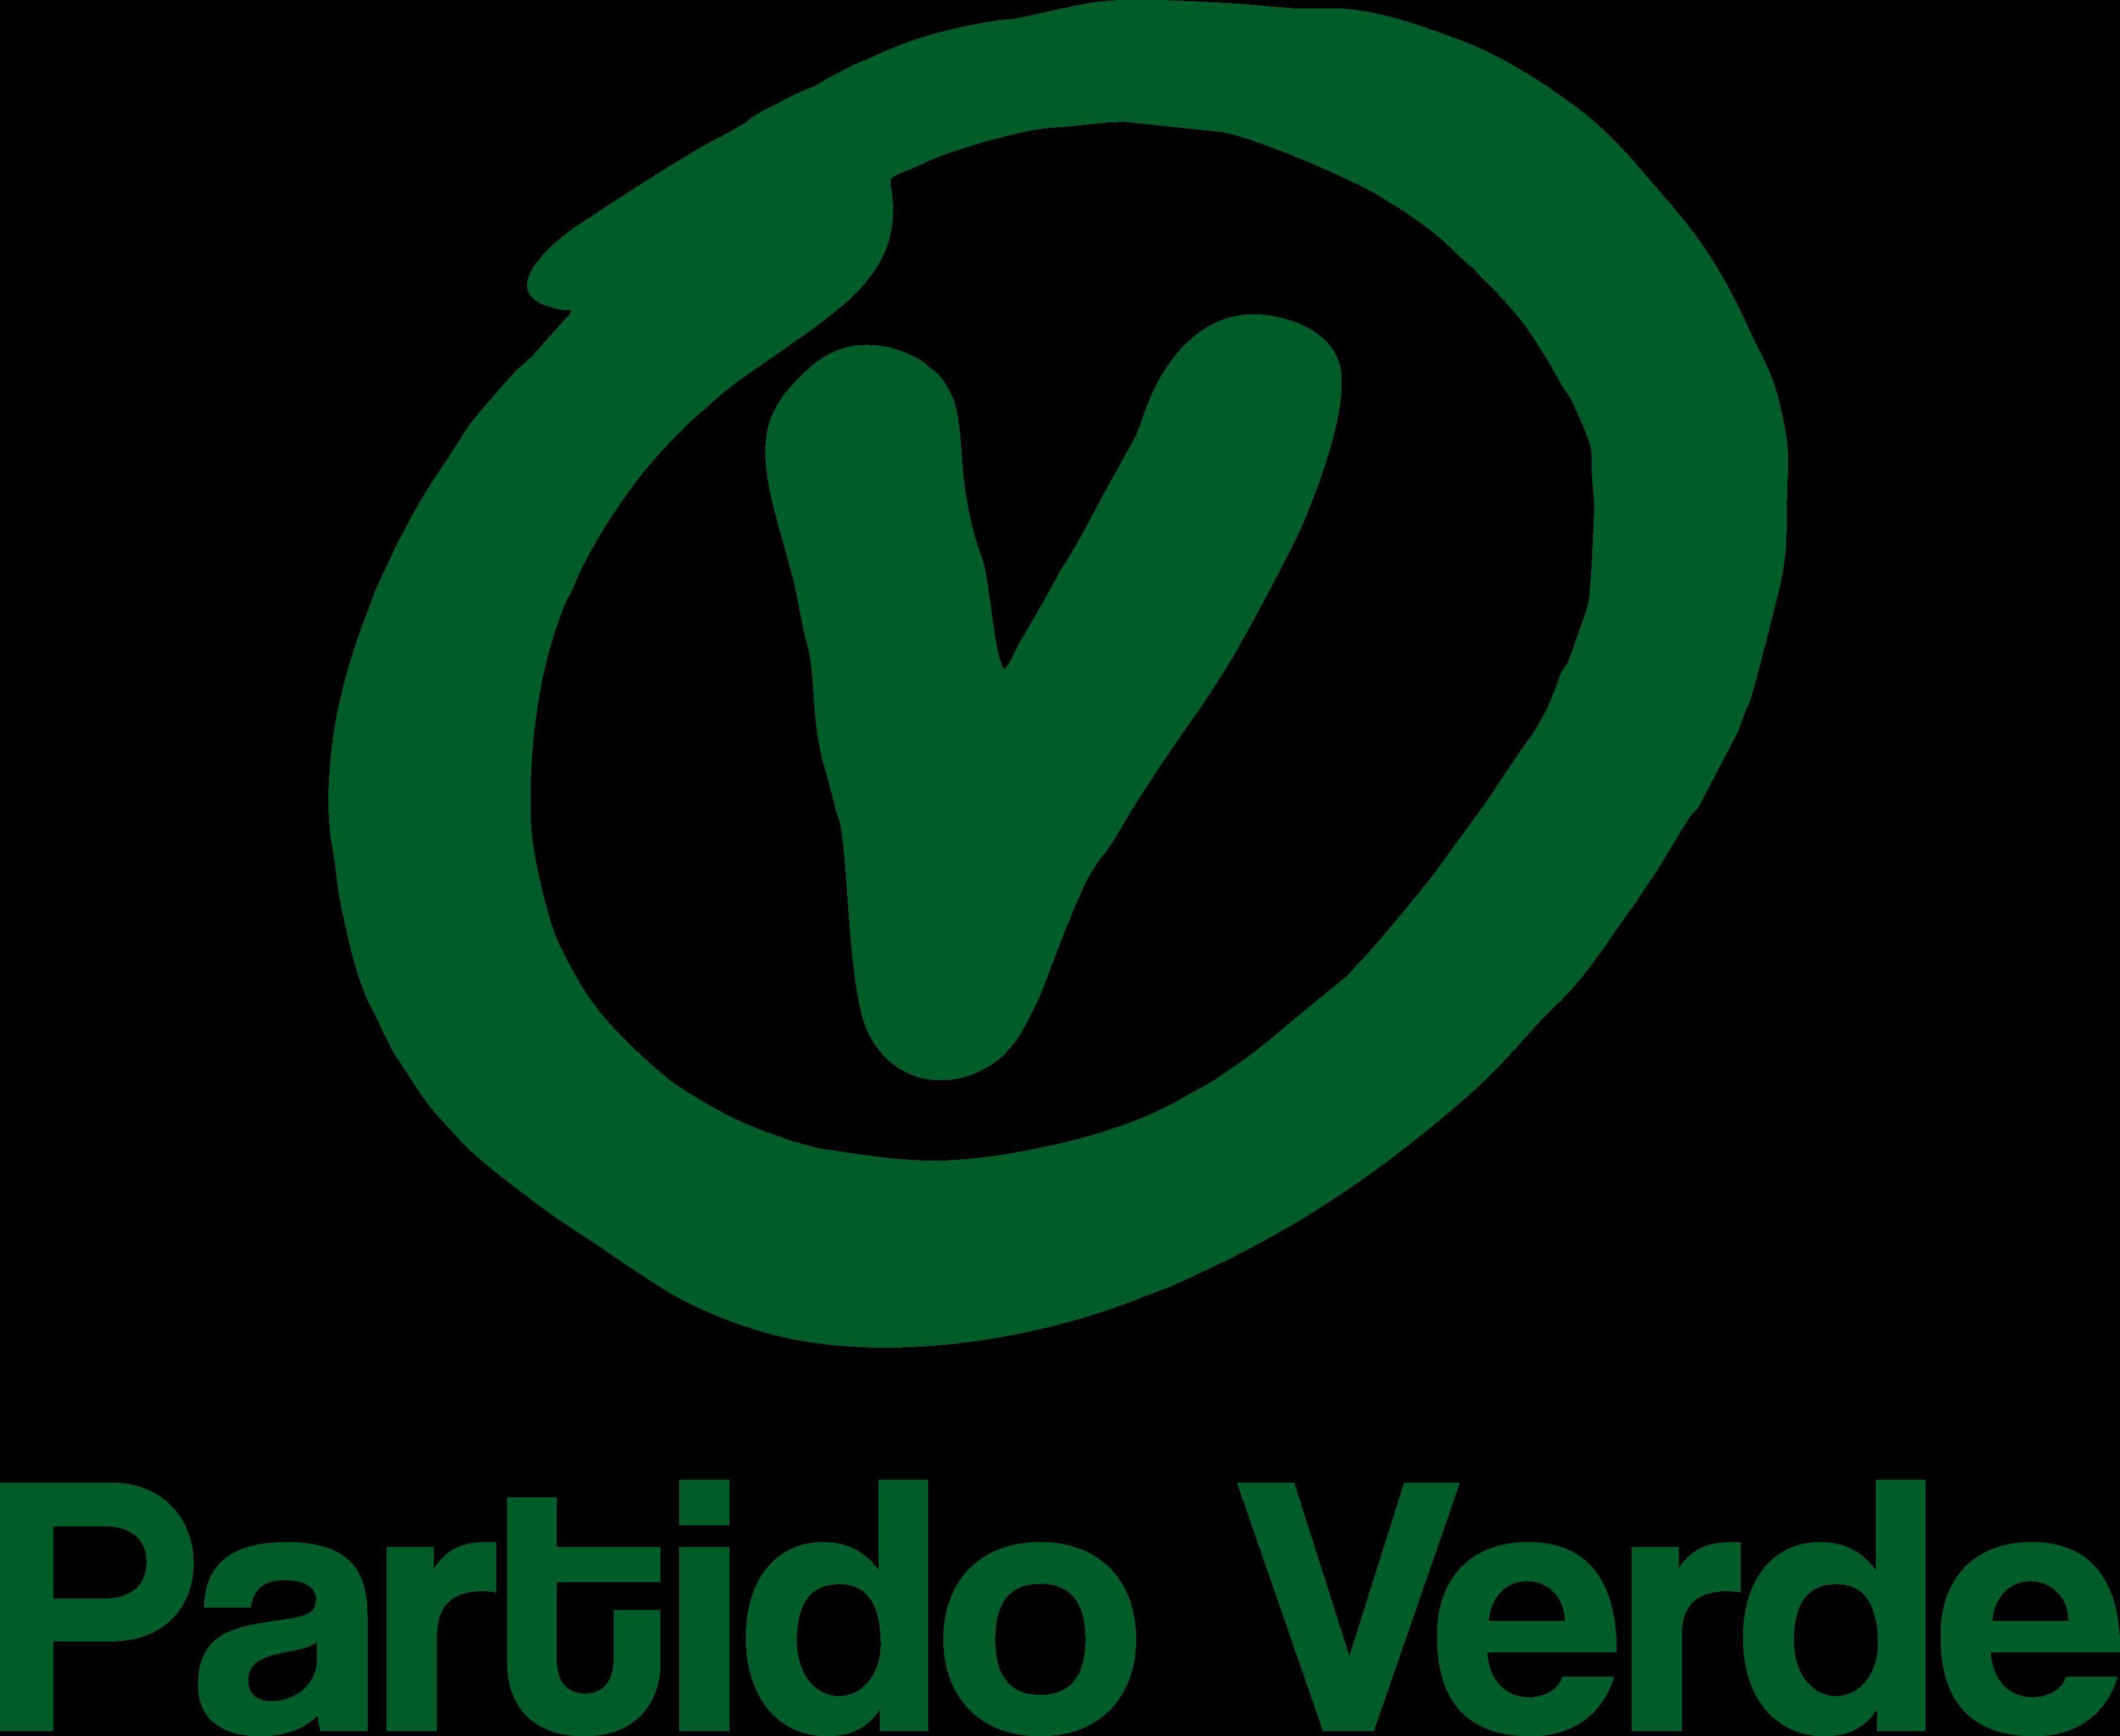 Partido Verde Nacional